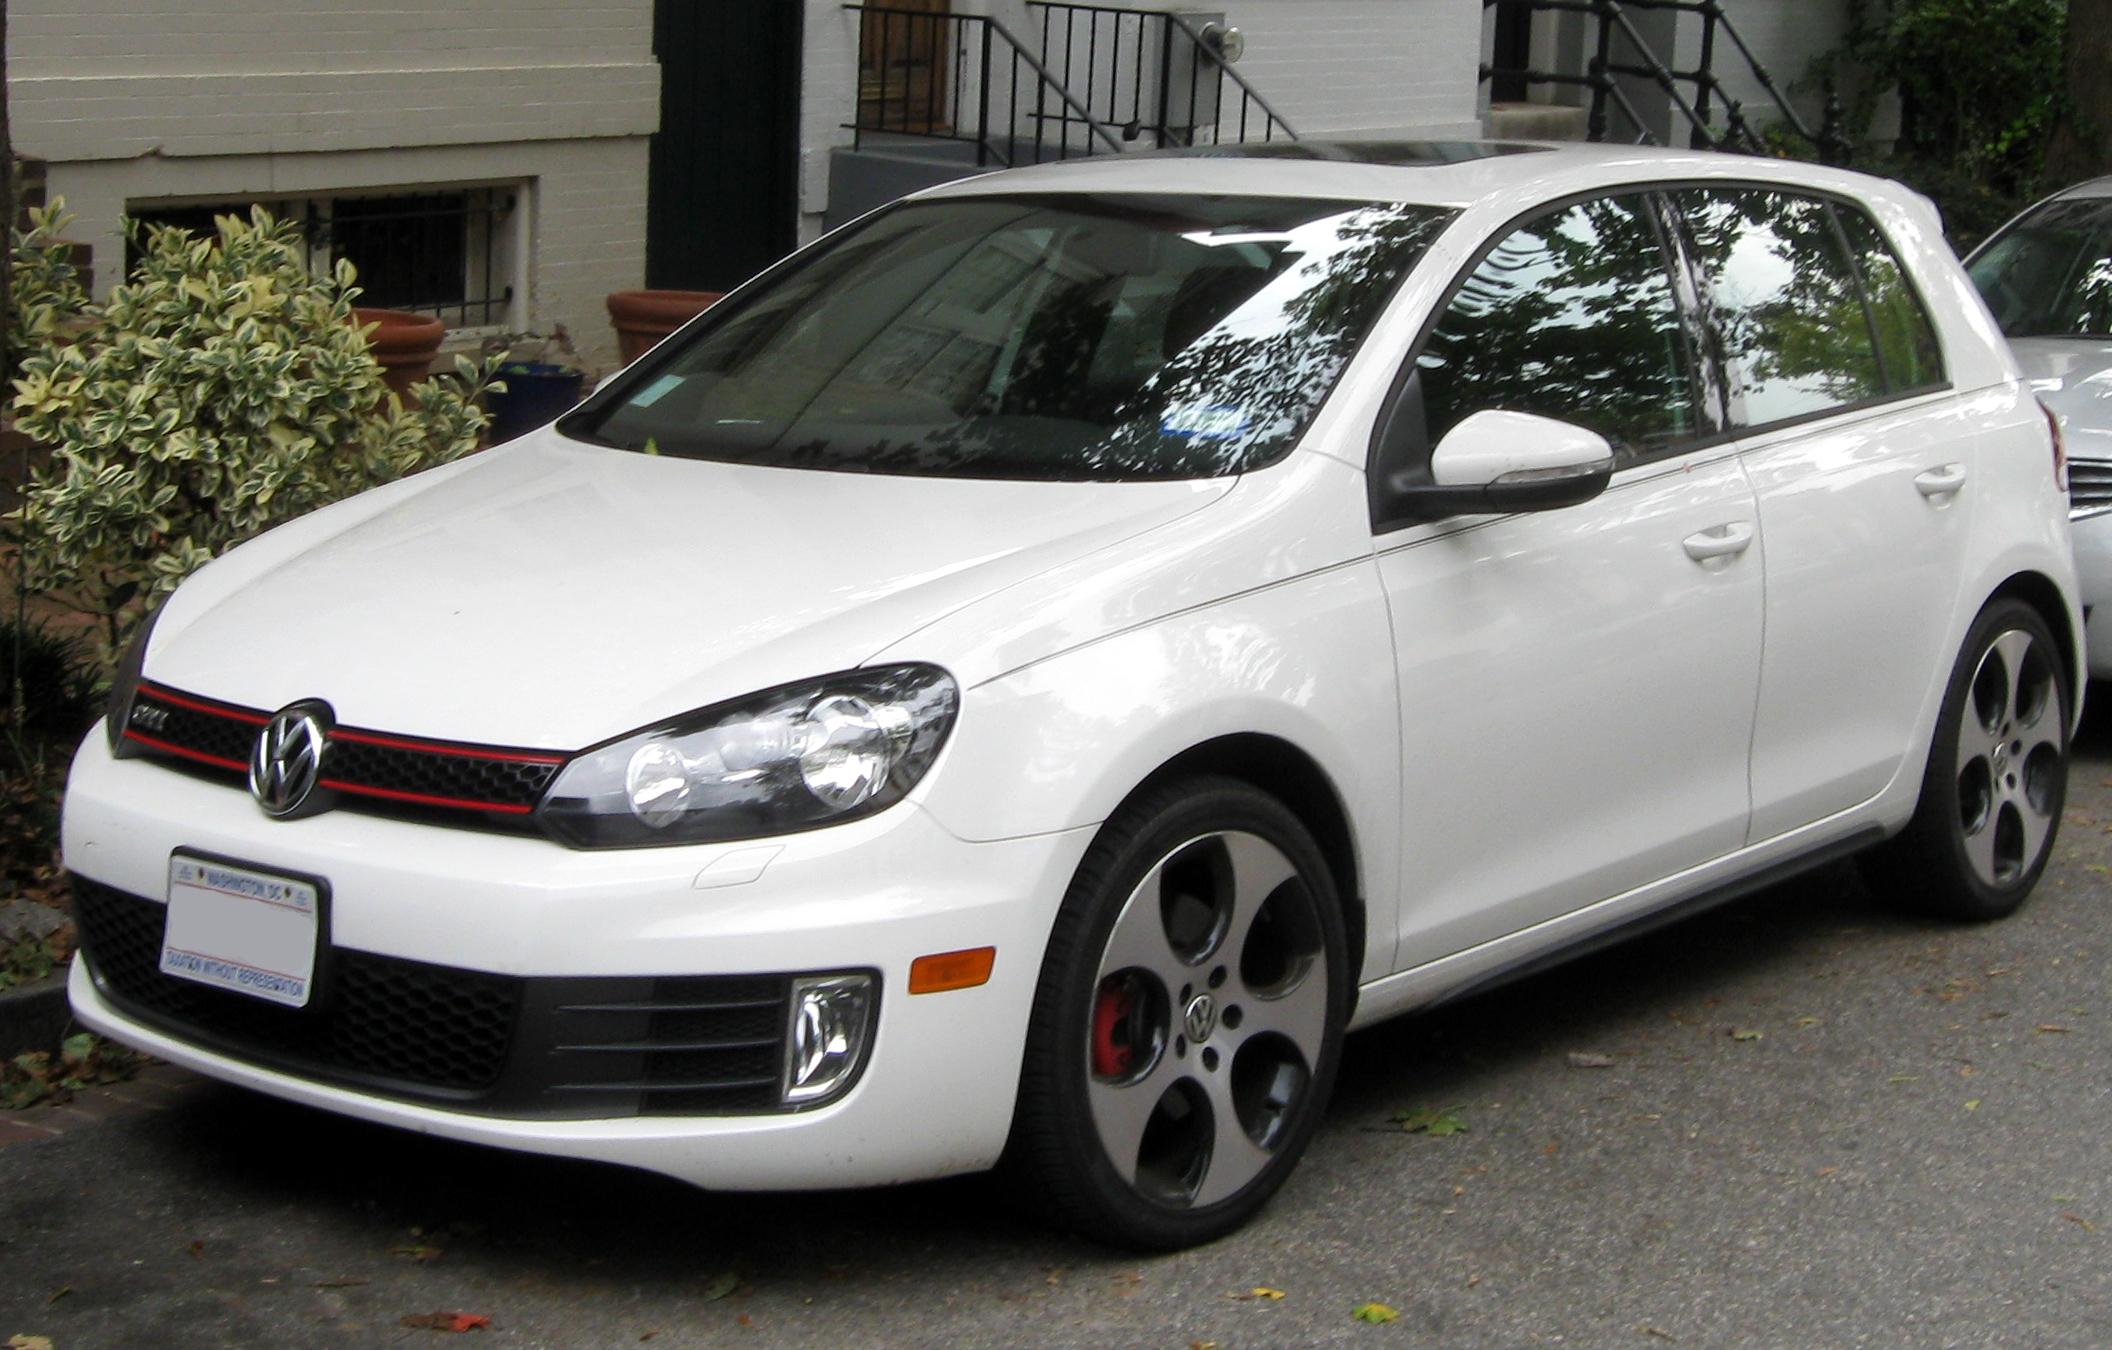 2011 Volkswagen Gti Image 19